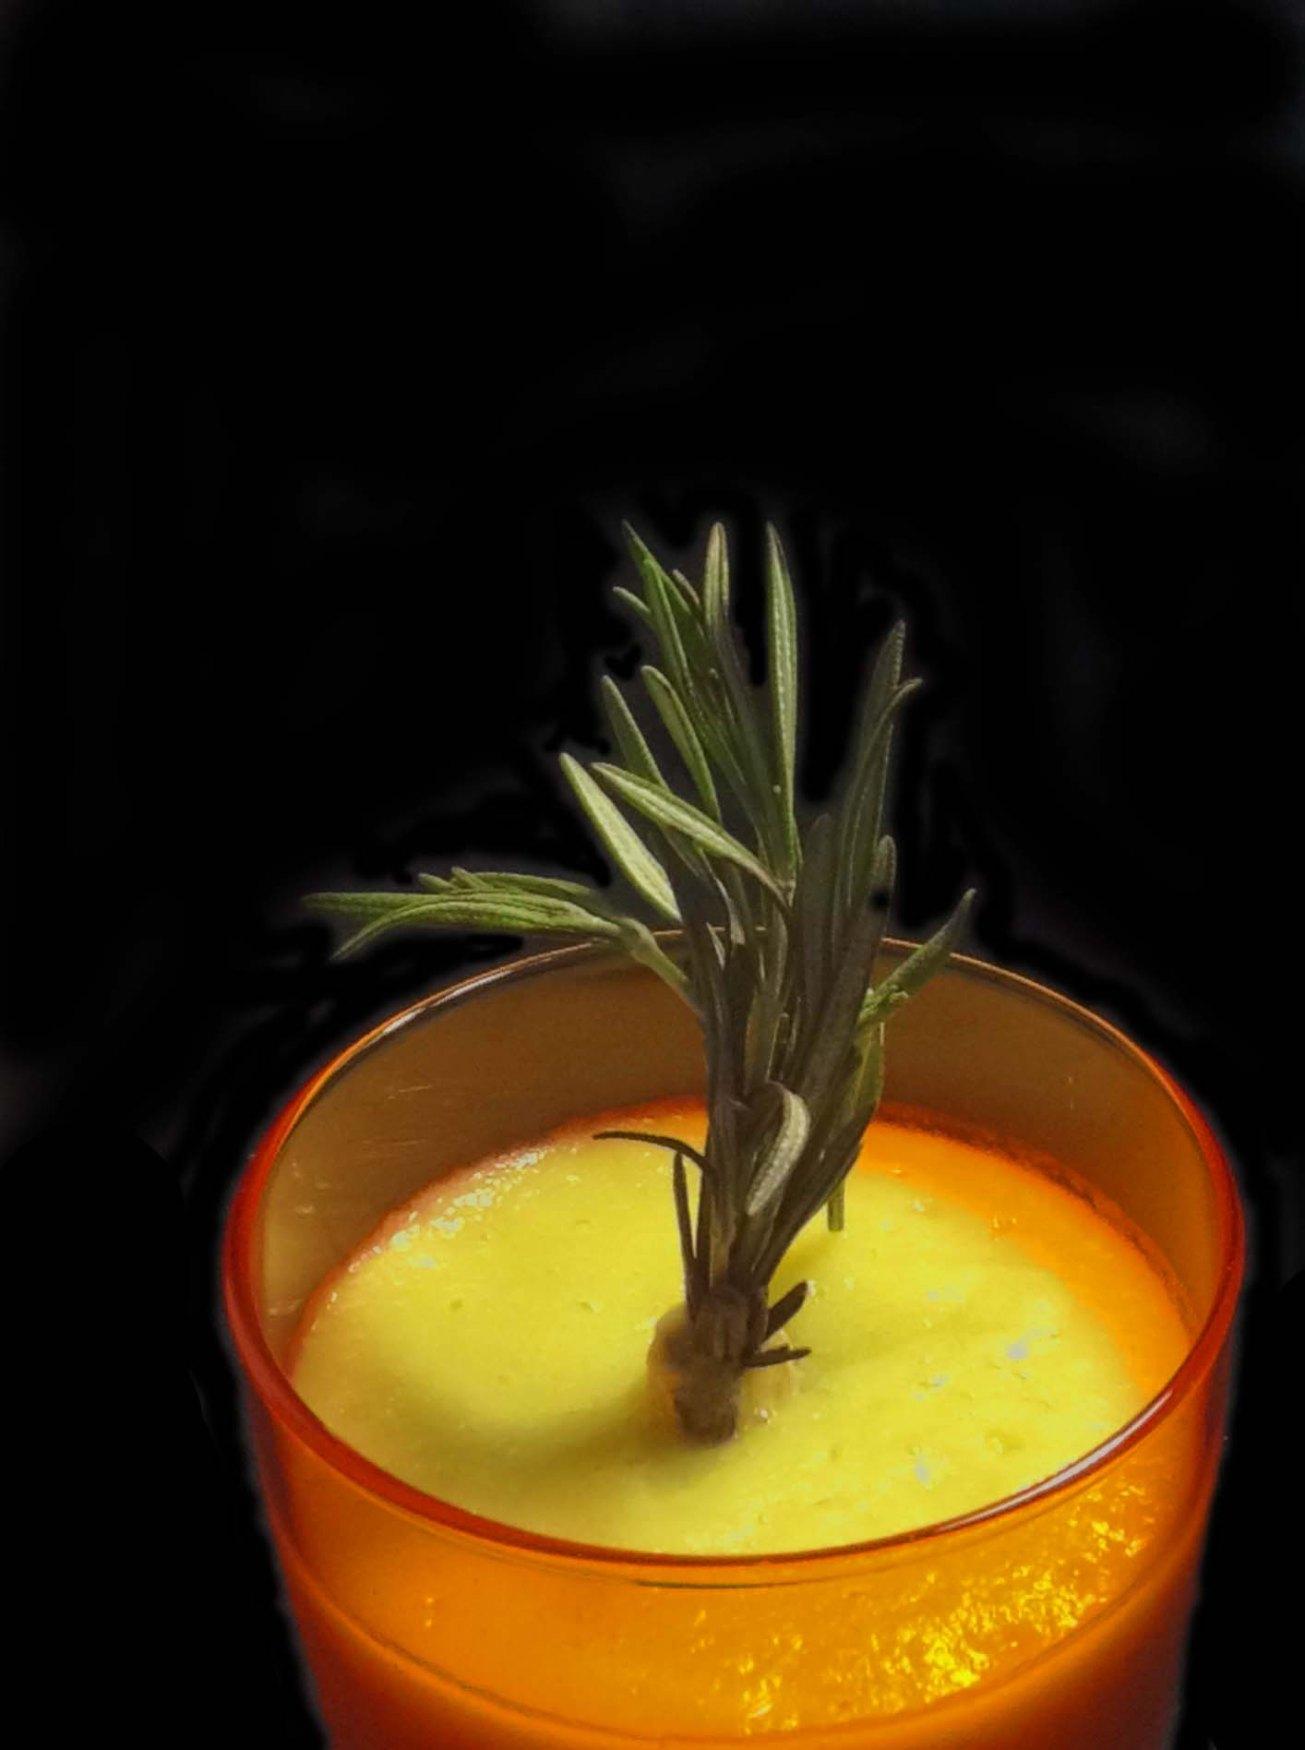 cauliflower-pineapple-orange-and-rosemary-drink-master